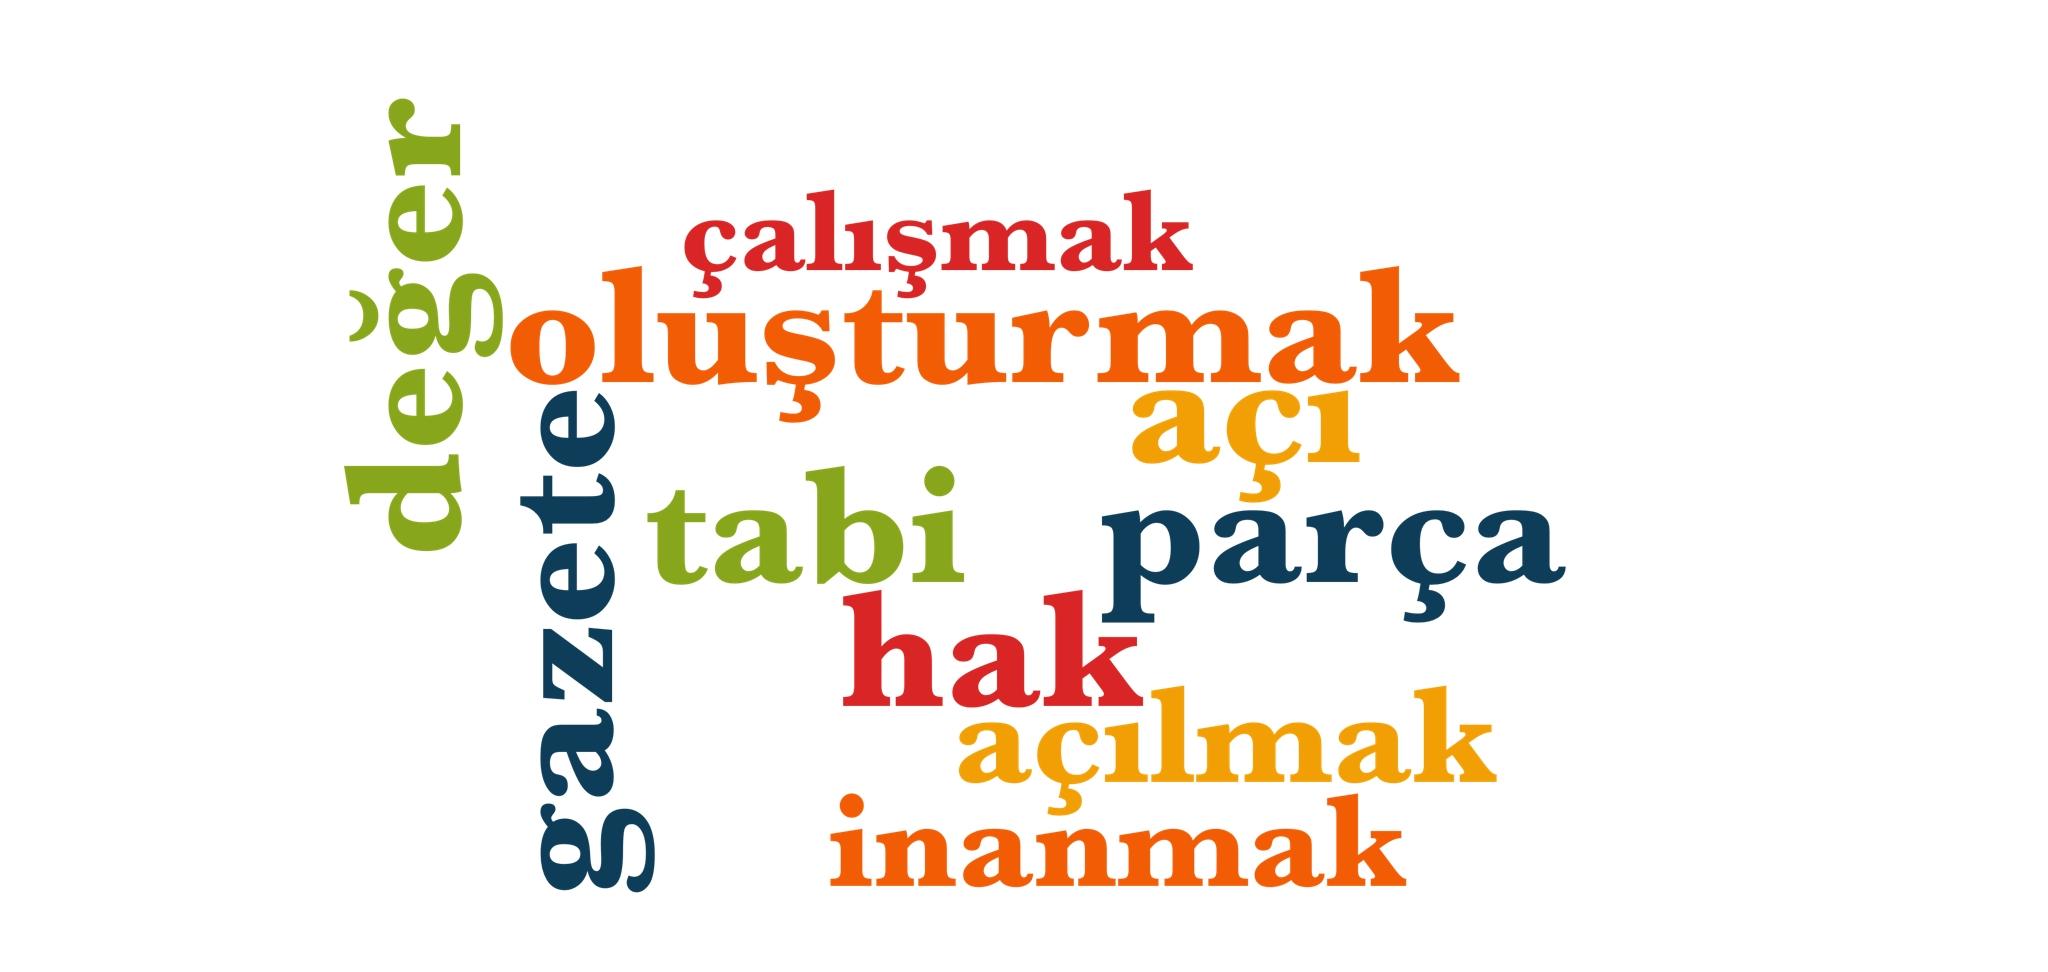 Wörter 271 bis 280 der 1000 häufigsten Wörter der türkischen Sprache